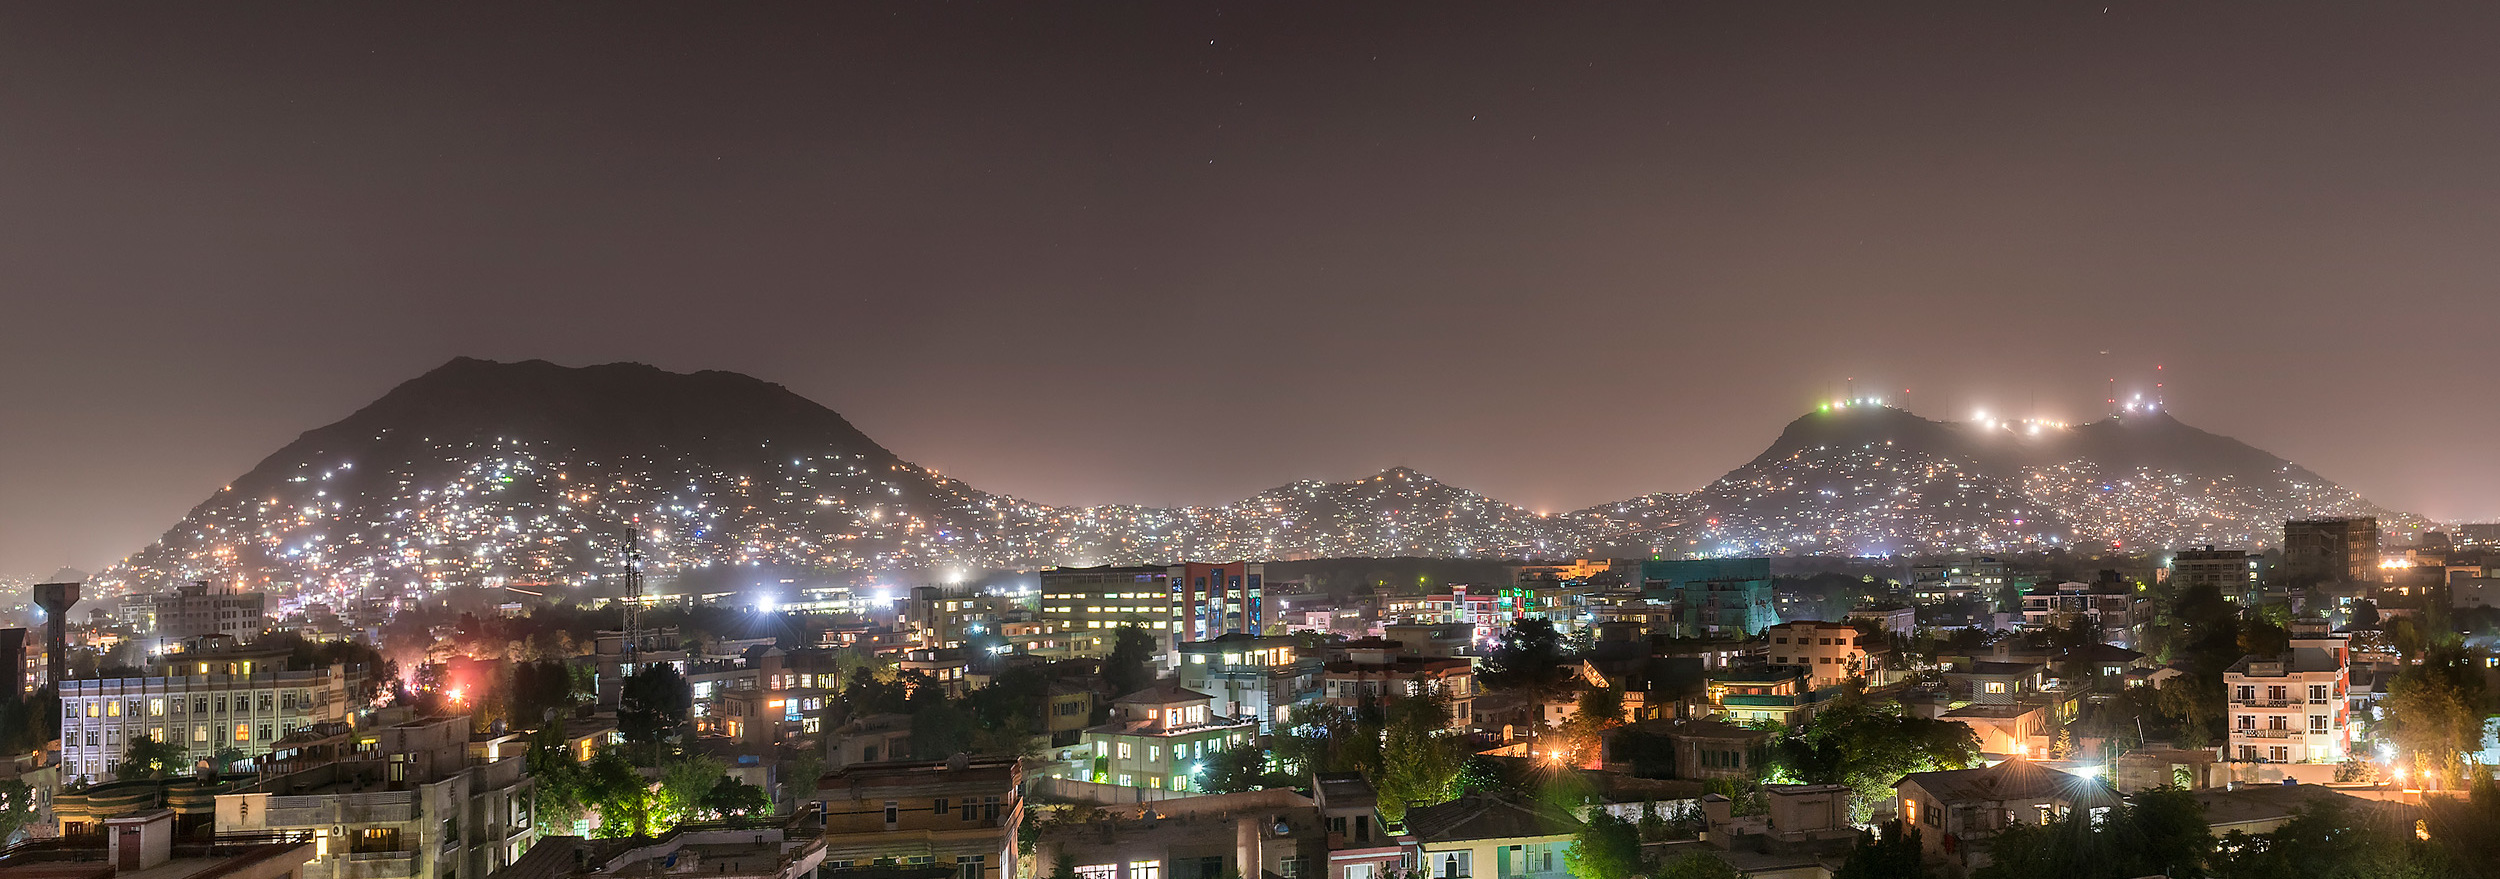 Kabul-Pano_By_Dani_(psvoy)